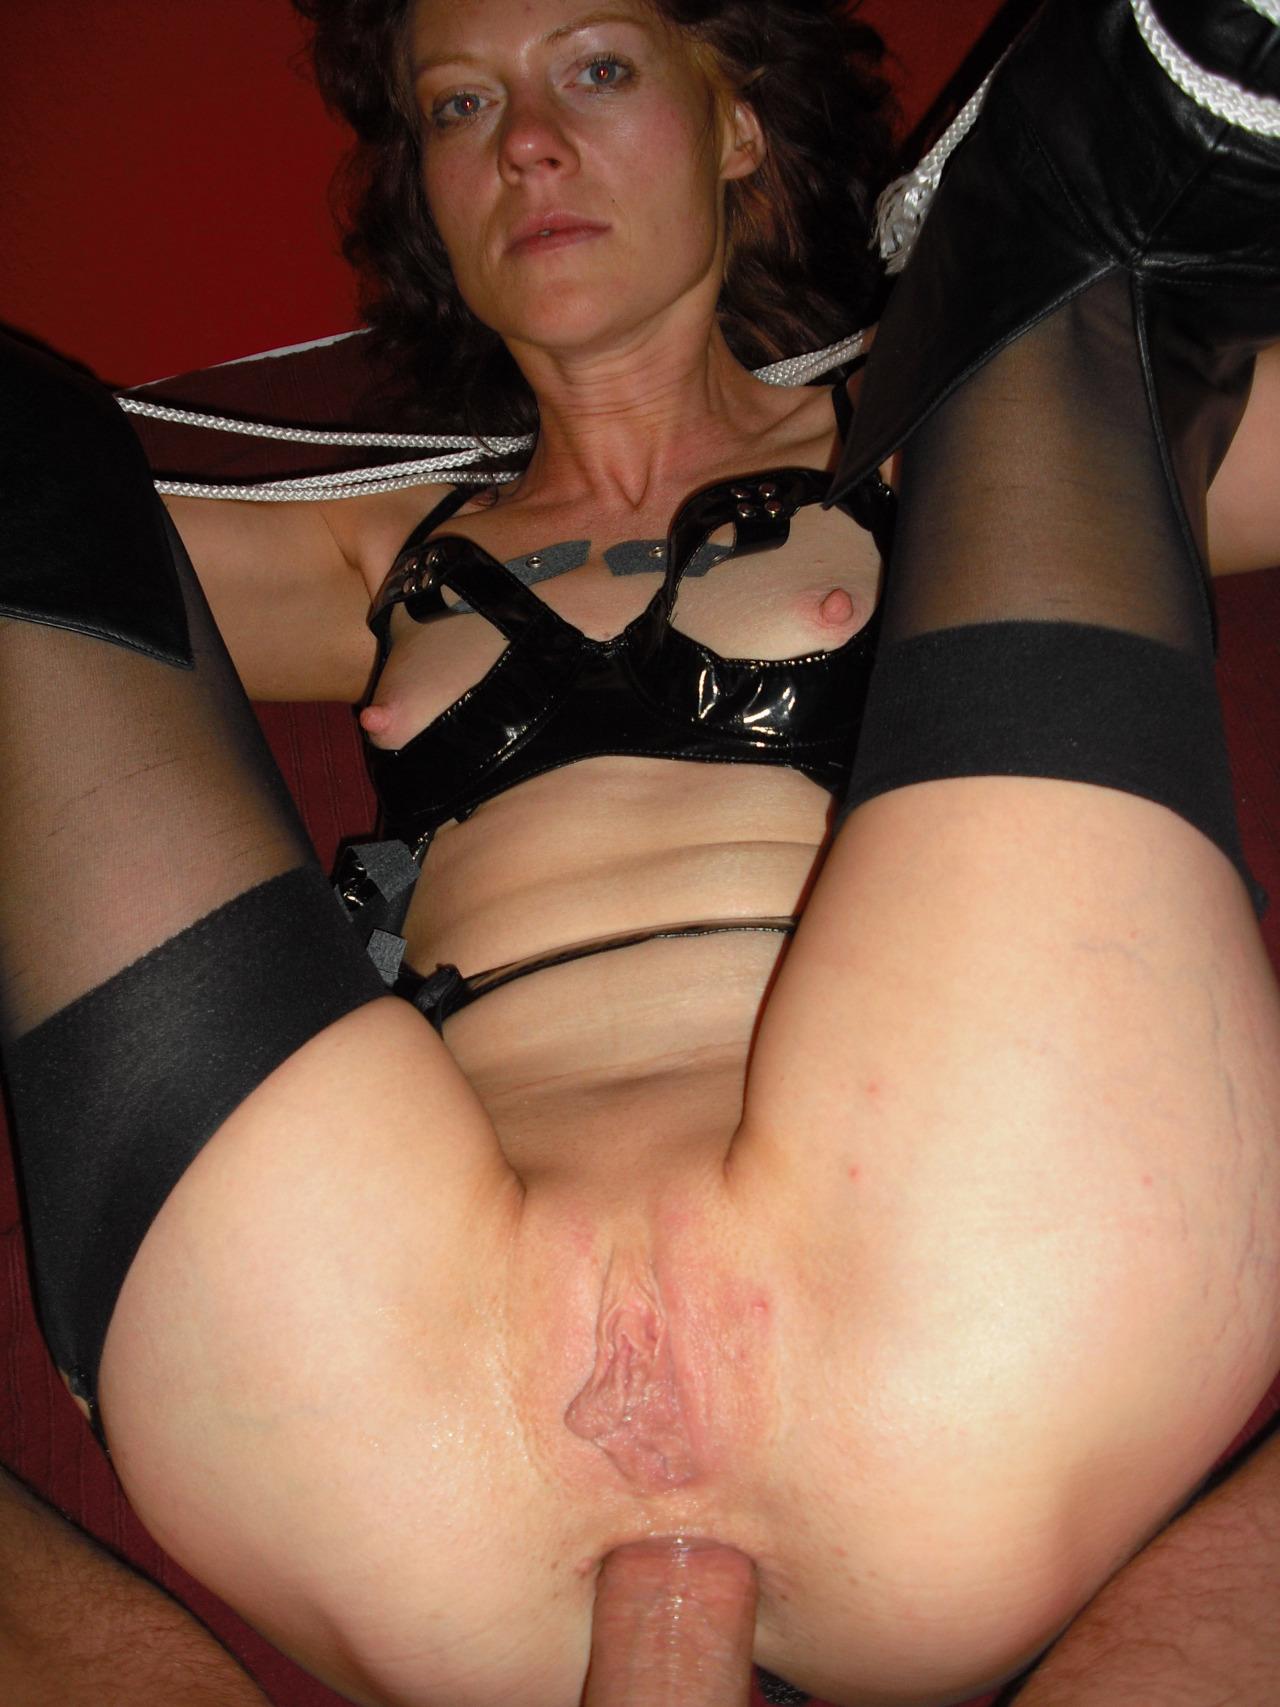 salope partage photo porno pour être defoncée dans le 61